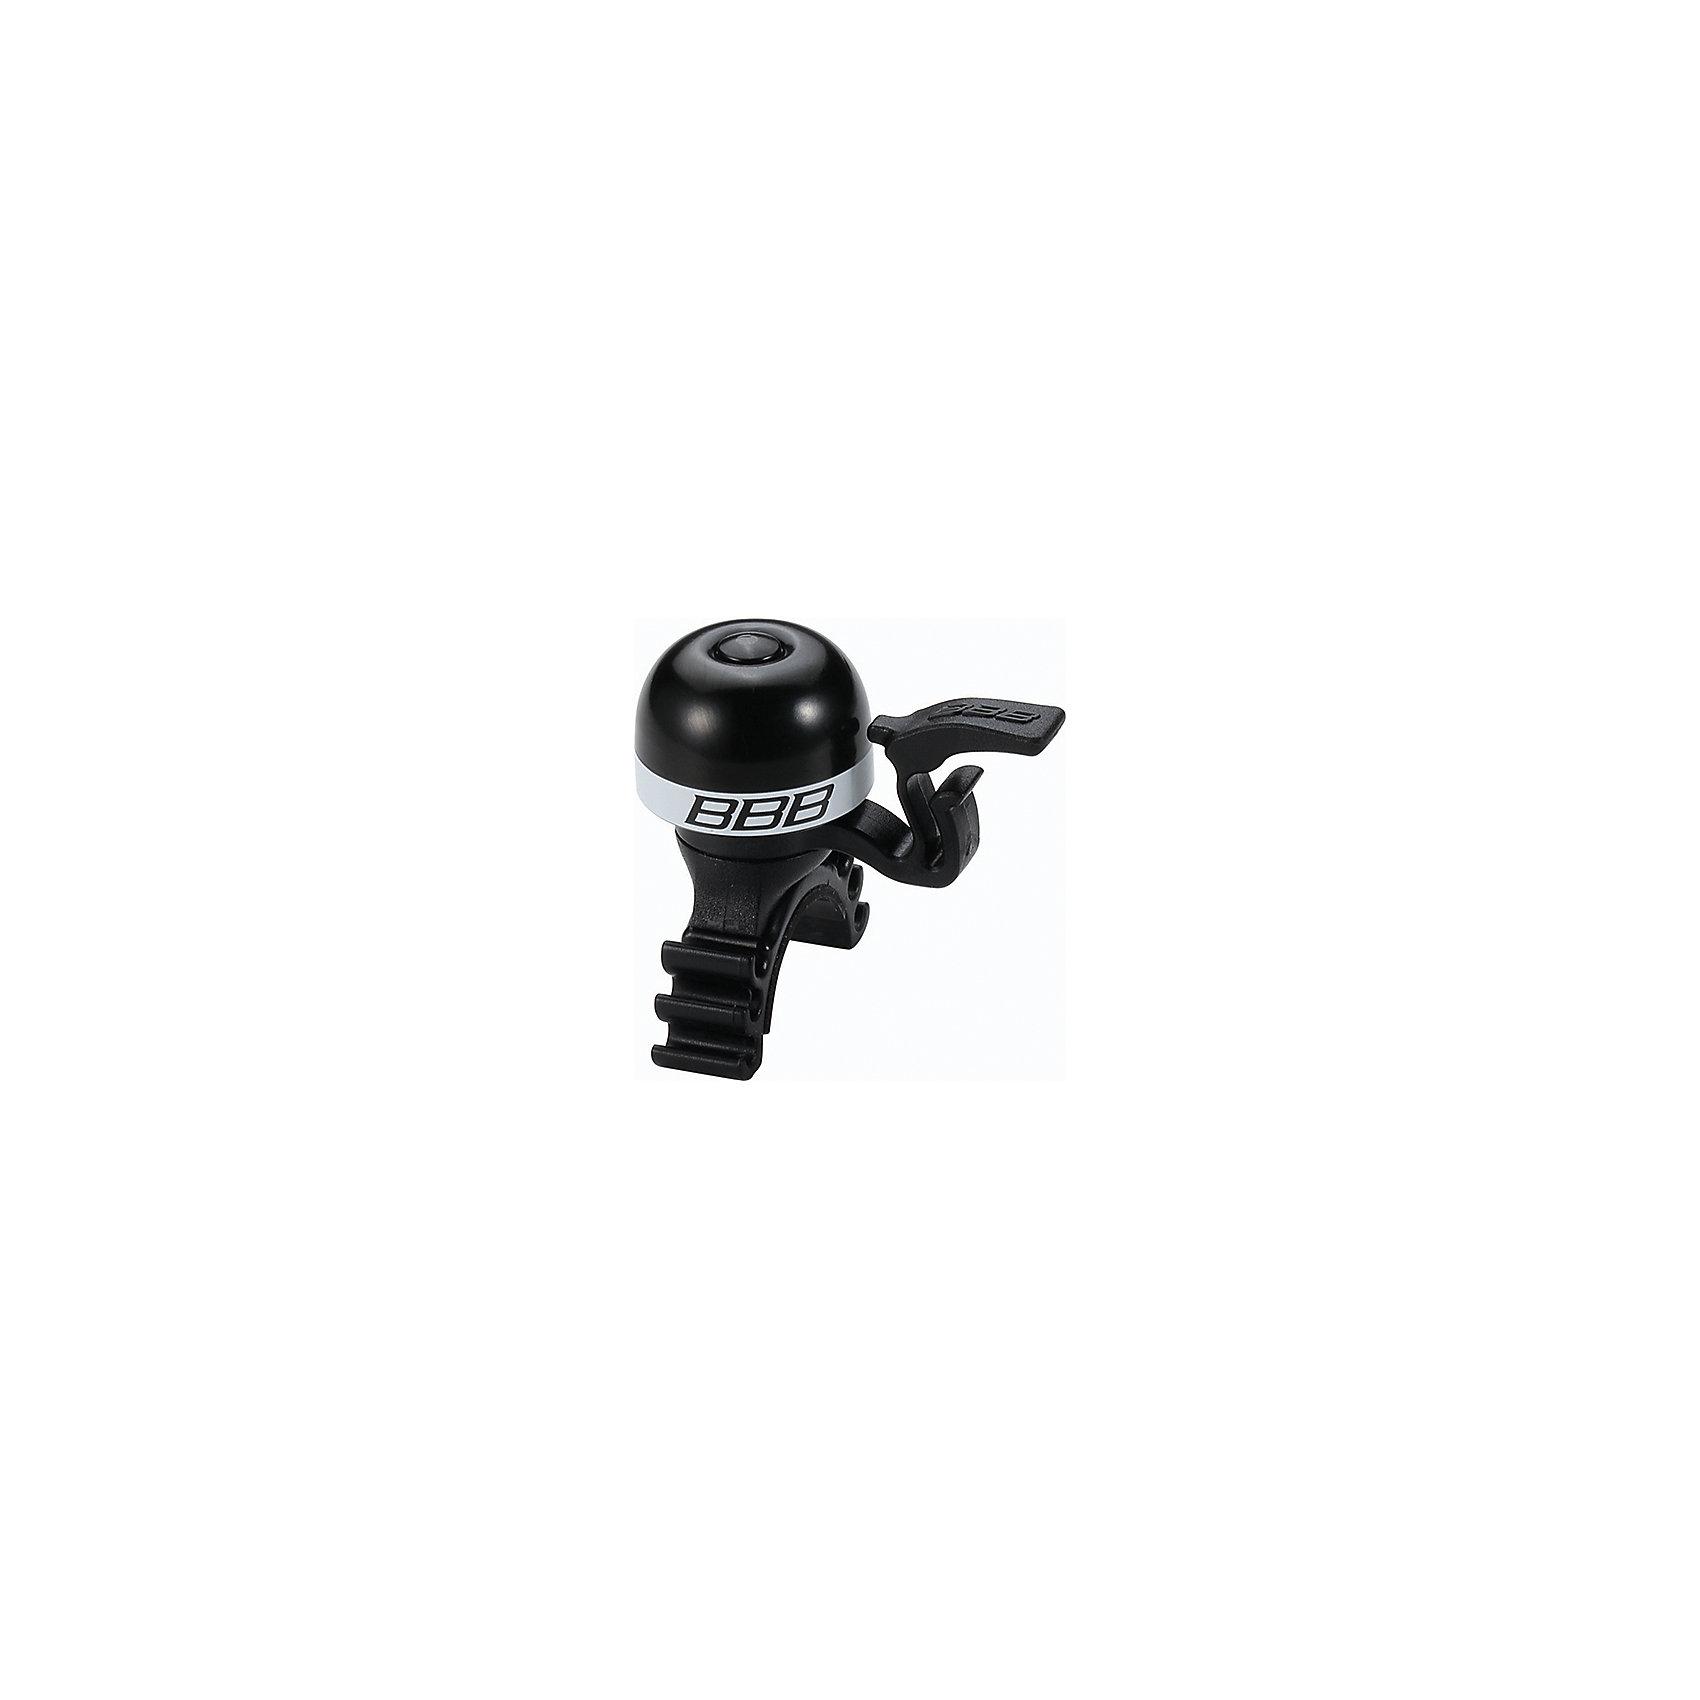 Звонок MiniFit  черный/белый, BBBАксеcсуары для велосипедов<br>Характеристики товара: <br><br>• цвет: черный/белый<br>• быстросъемный <br>• крепление с резиновым ремешком<br>• подходит для всех видов рулей<br>• прочная и легкая конструкция<br><br>Звонок MiniFit  черный/белый, BBB можно купить в нашем интернет-магазине.<br><br>Ширина мм: 160<br>Глубина мм: 80<br>Высота мм: 40<br>Вес г: 31<br>Возраст от месяцев: 36<br>Возраст до месяцев: 144<br>Пол: Унисекс<br>Возраст: Детский<br>SKU: 5569395